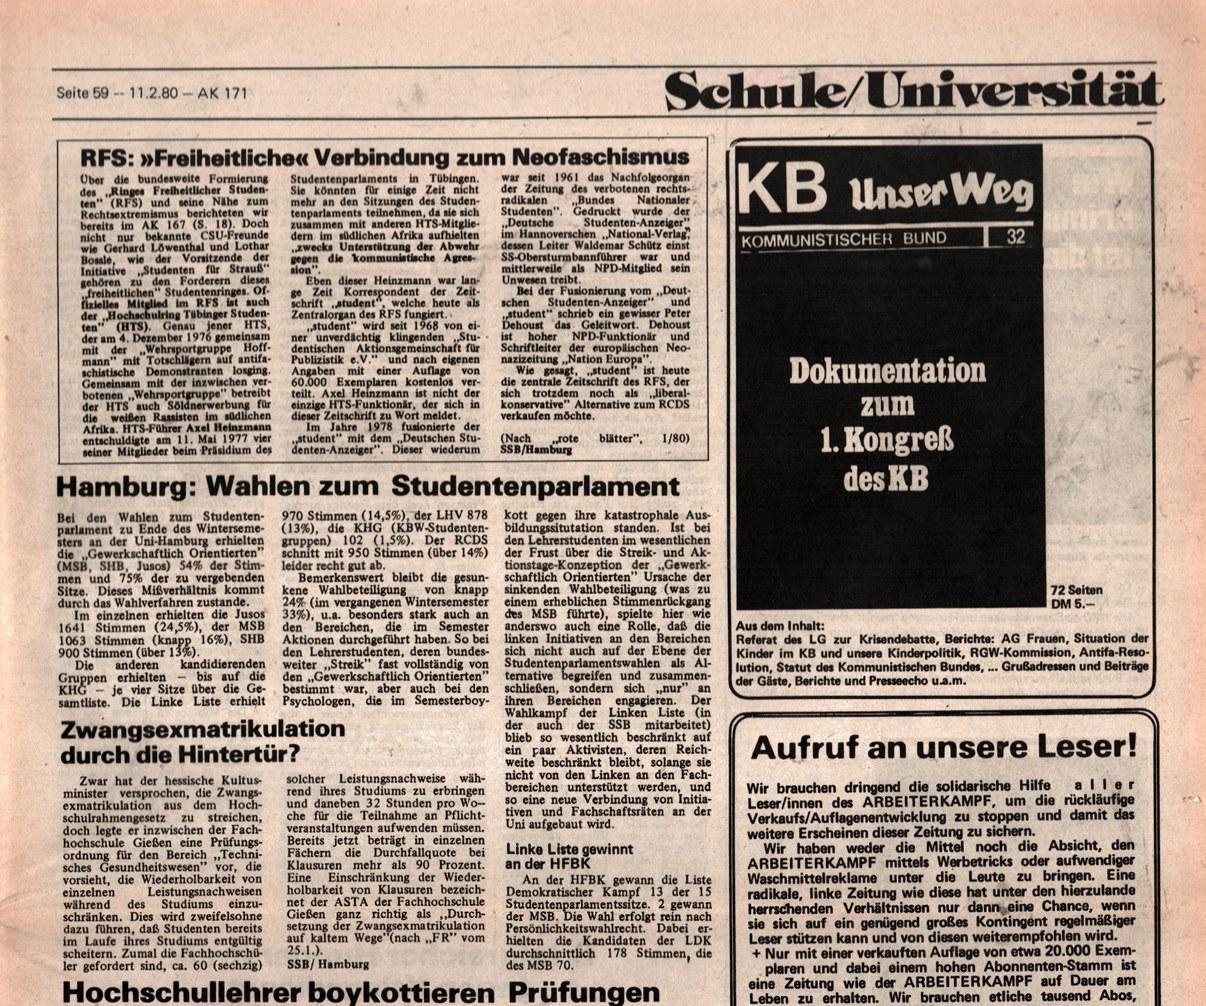 KB_AK_1980_171_117